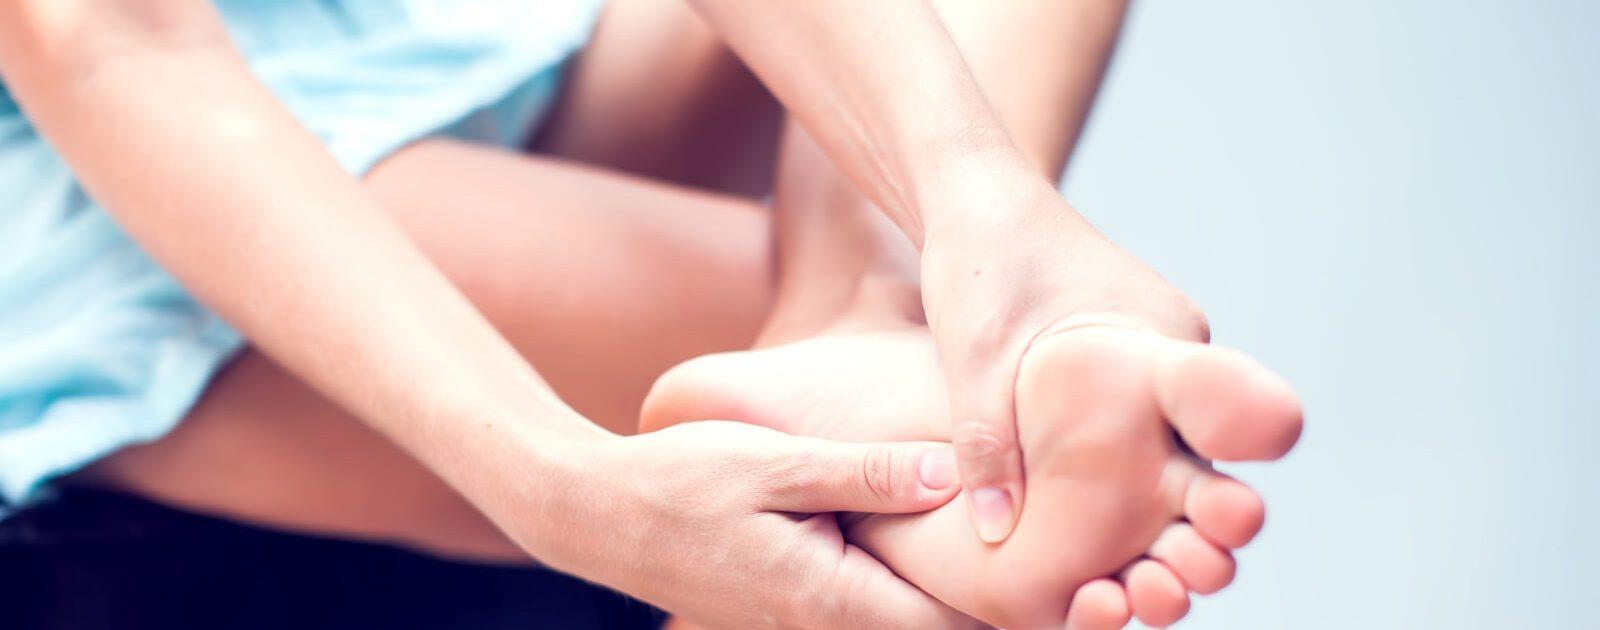 Am Tarsaltunnelsyndrom leidende Frau hält sich die schmerzende Fußsohle.